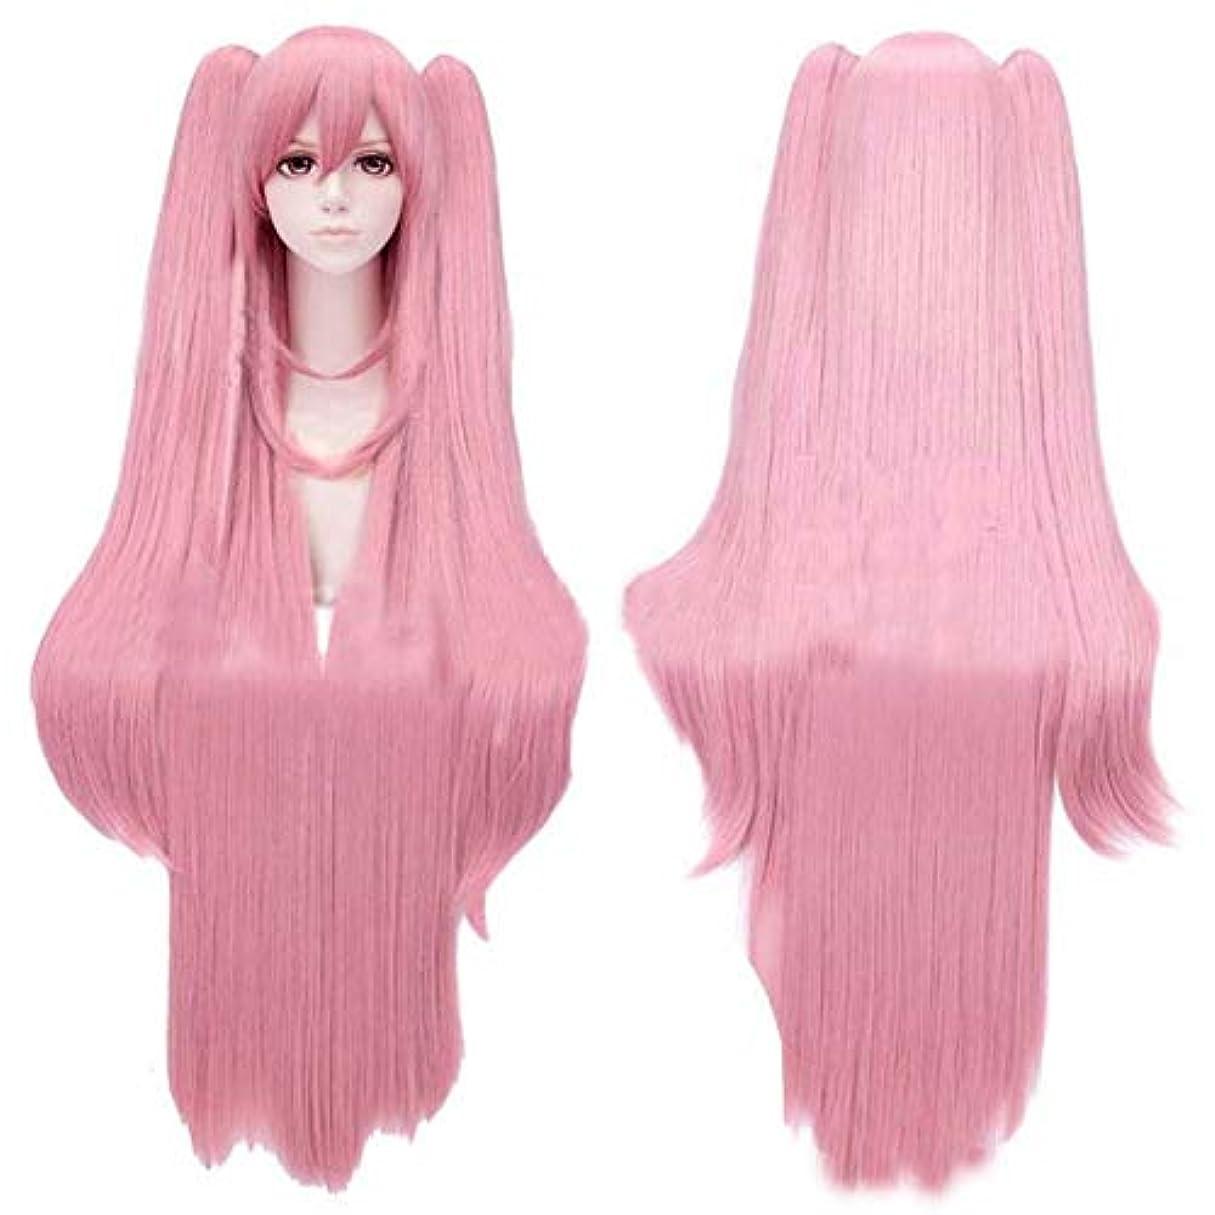 不規則性報酬の例100センチロングピンクストレートウィッグアニメコスプレウィッグピンクアニメ女性コスプレウィッグ用女性女の子衣装パーティーハロウィンアニメコスプレファンシードレス